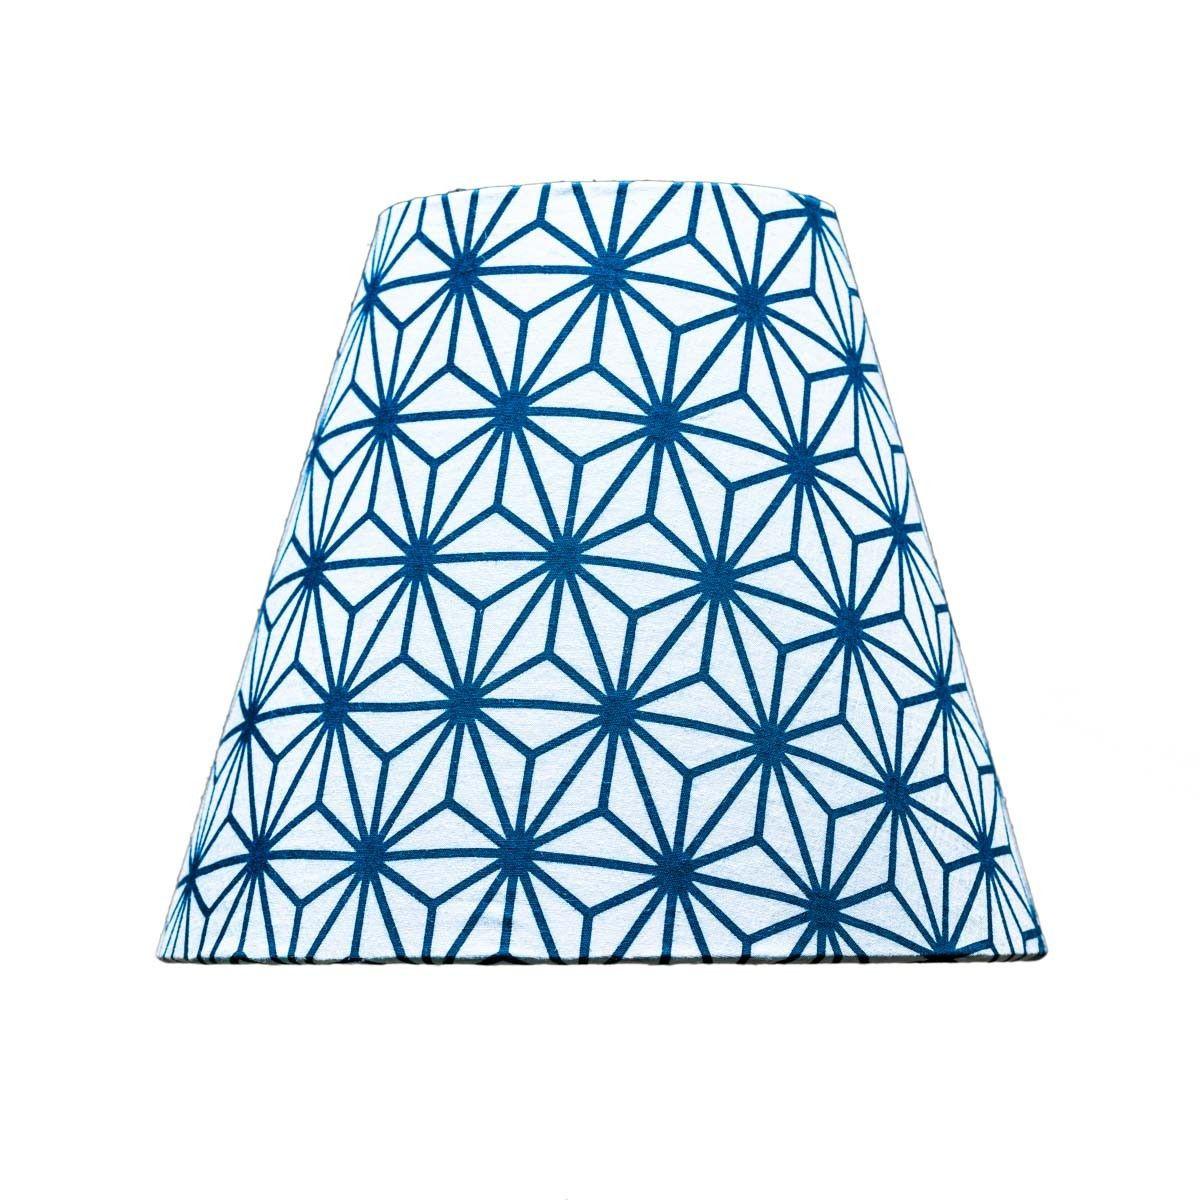 Abat-jour lampe de chevet tissu imprimé design Asanoha bleu